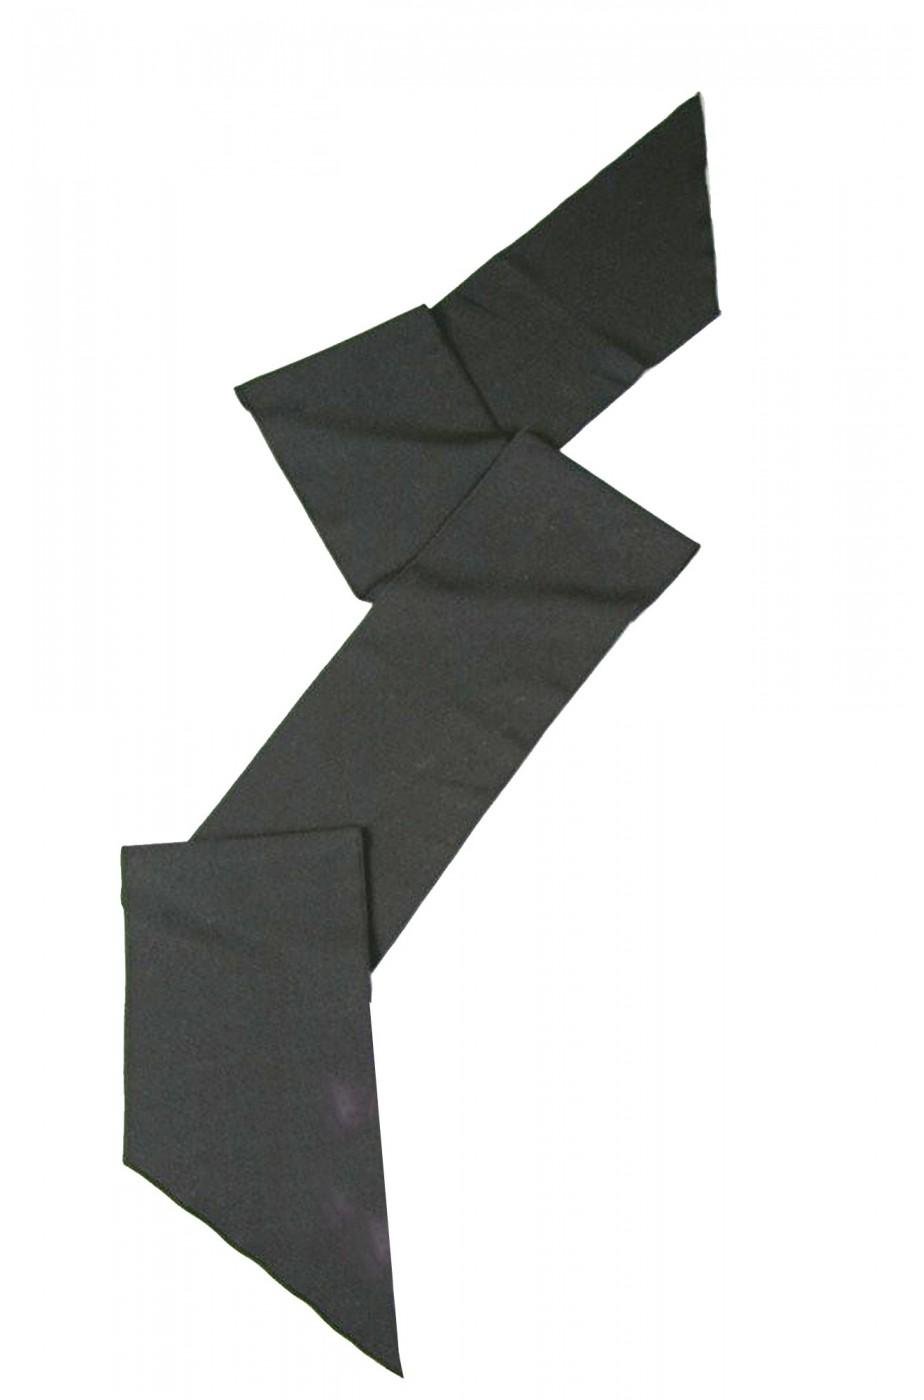 Fascia nera per pirati o principi lunga 2 m